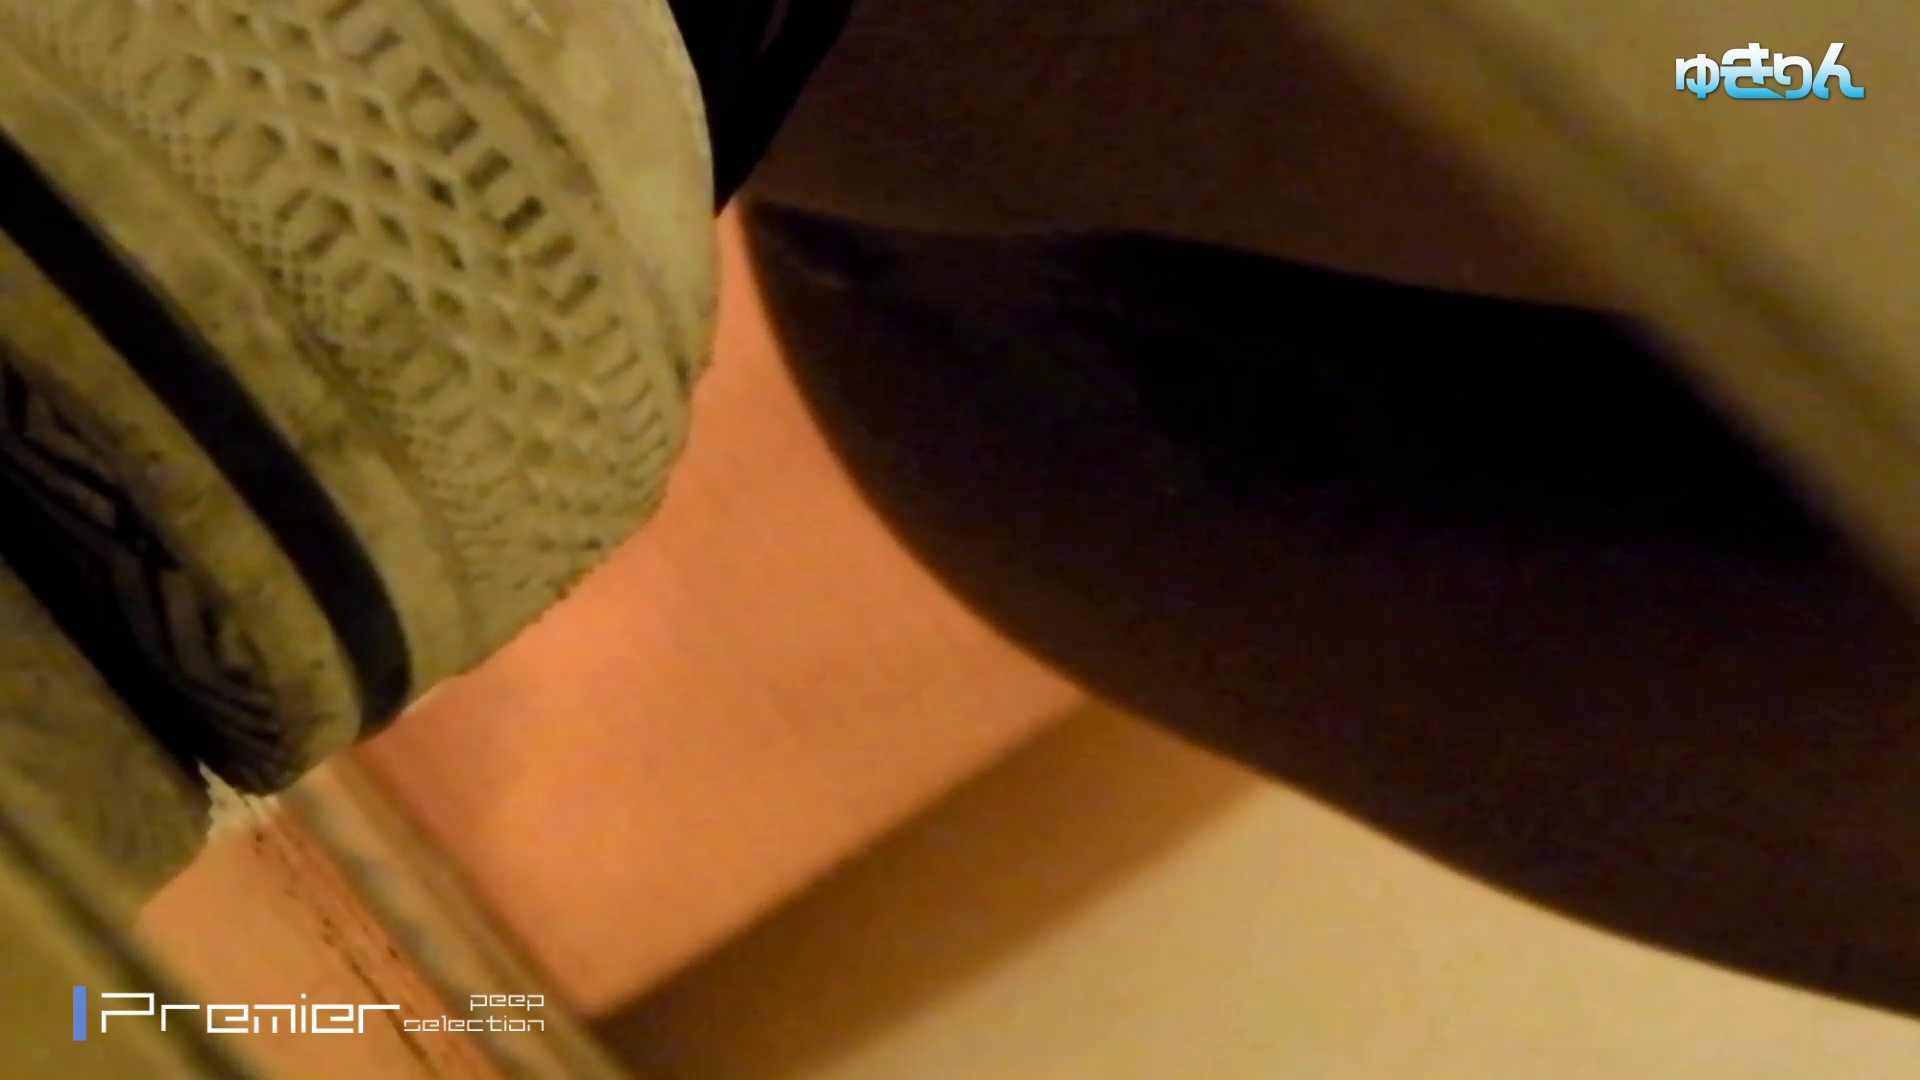 新世界の射窓 No98 キターッ特別に可愛い子の為、外まで粘着追い撮り!! 洗面所  99pic 30